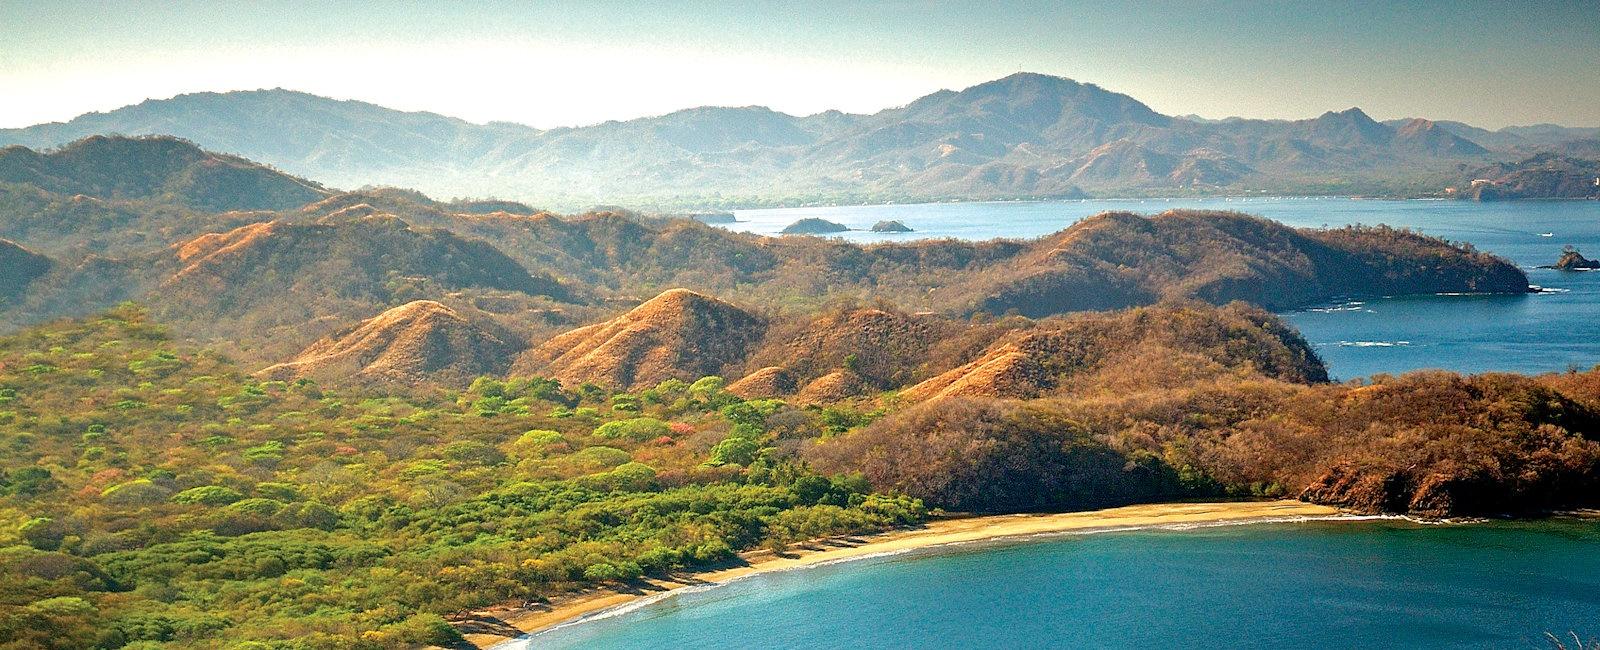 Luxury Guanacaste Holidays